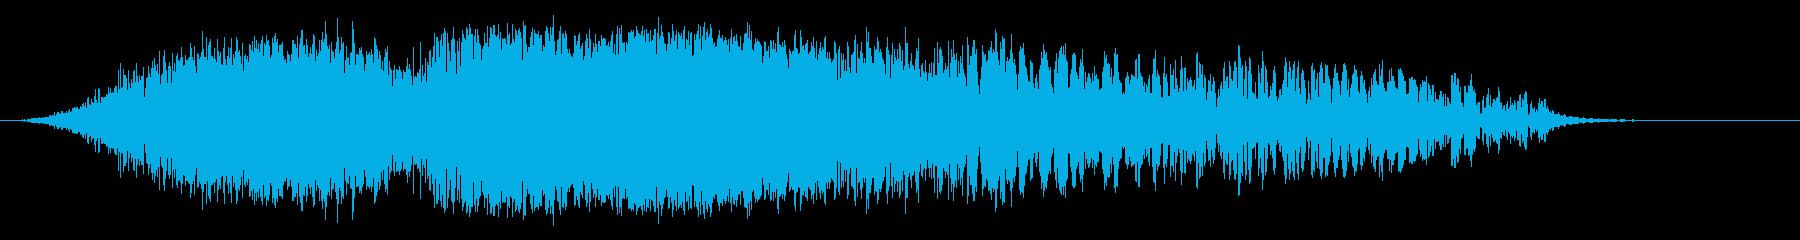 低中空スイープの再生済みの波形